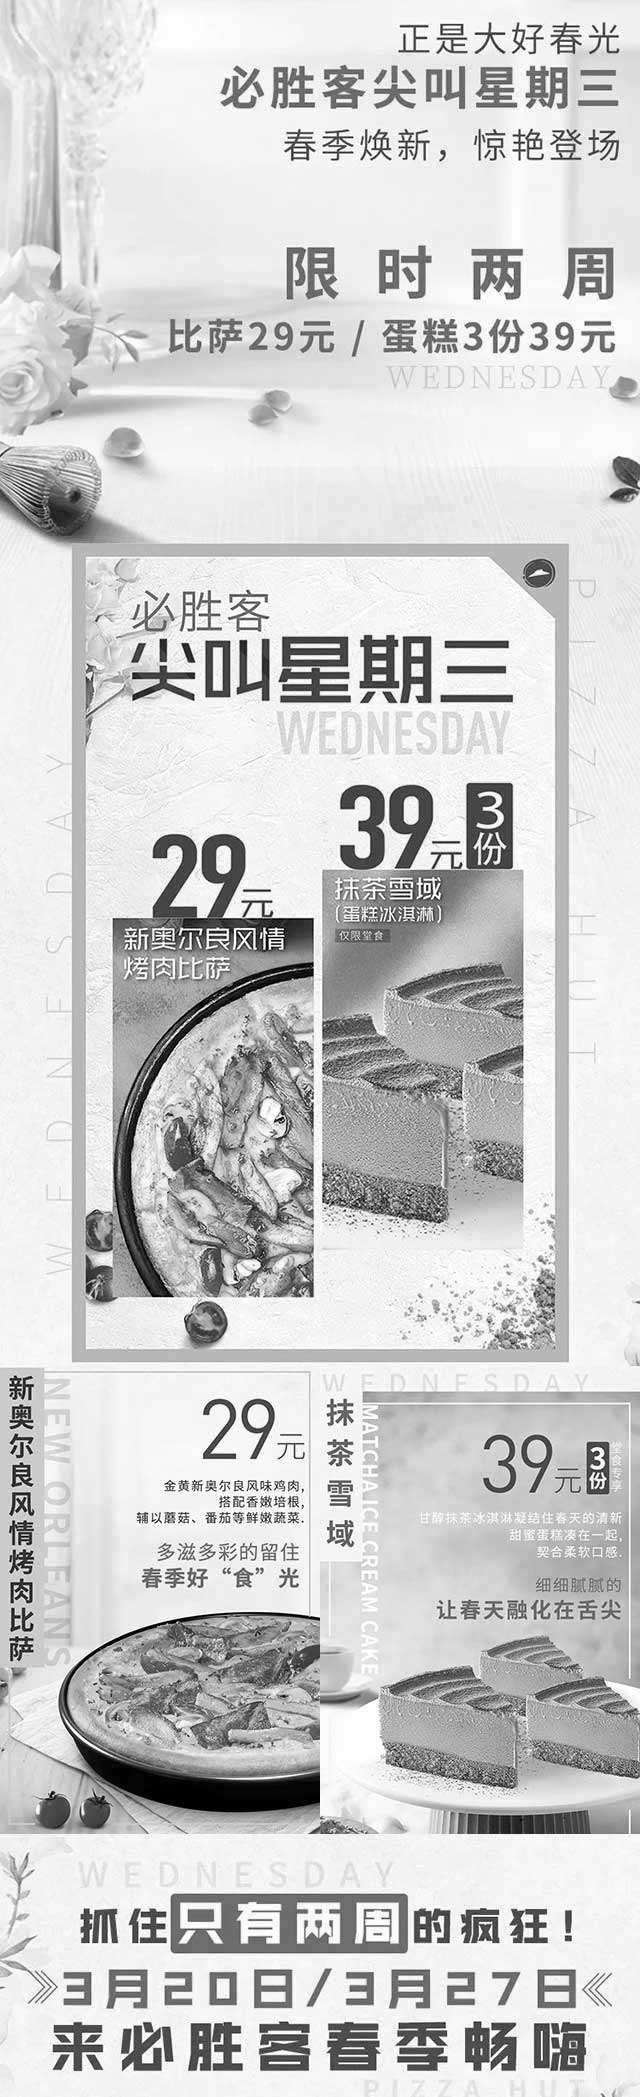 黑白优惠券图片:2019年3月必胜客尖叫星期三,比萨29元蛋糕3份39元特惠 - www.5ikfc.com